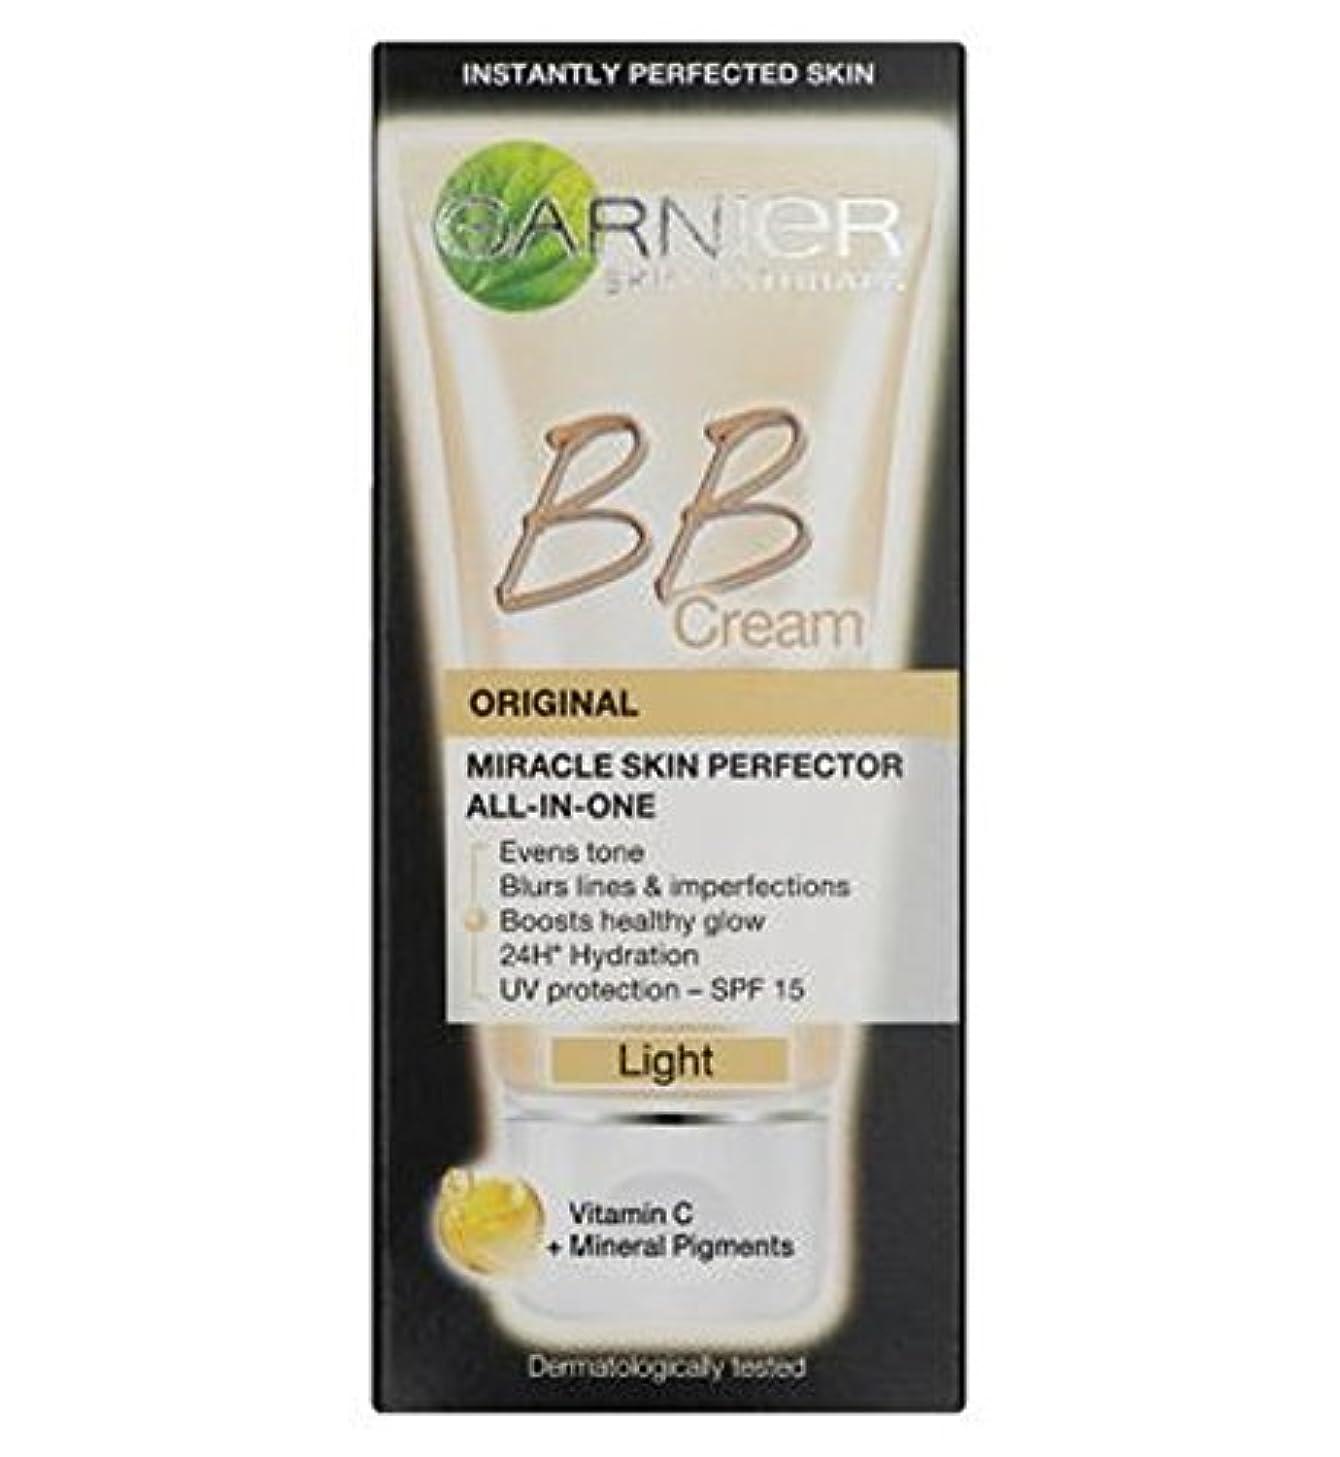 偏心符号泣く毎日オールインワンB.B.ガルニエスキンパーフェク傷バームクリームライト50ミリリットル (Garnier) (x2) - Garnier Skin Perfector Daily All-In-One B.B. Blemish...